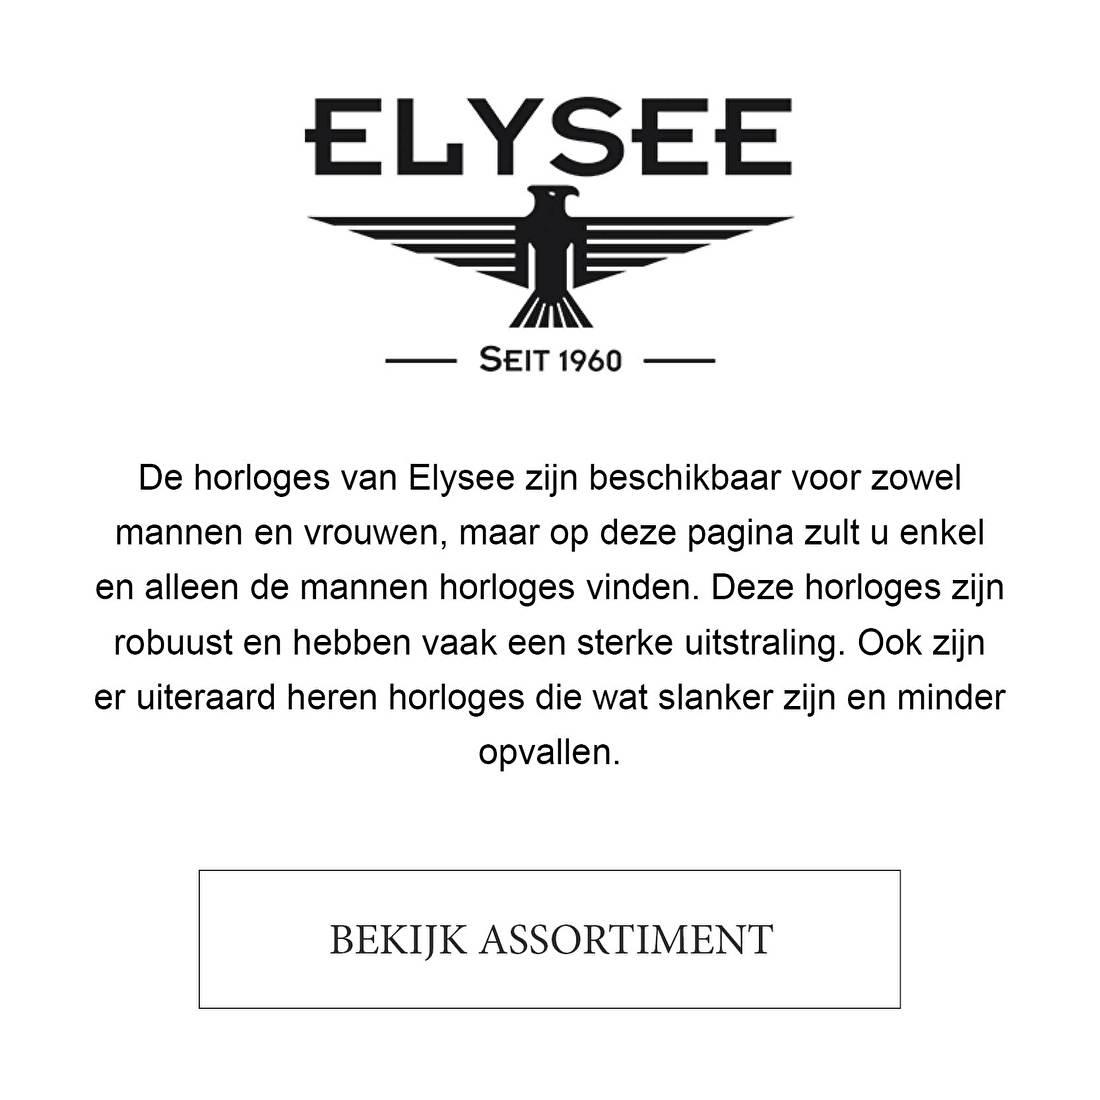 De horloges van Elysee zijn beschikbaar voor zowel mannen en vrouwen, maar op deze pagina zult u enkel en alleen de mannen horloges vinden. Deze horloges zijn robuust en hebben vaak een sterke uitstraling. Ook zijn er uiteraard heren horloges die wat slanker zijn en minder opvallen.